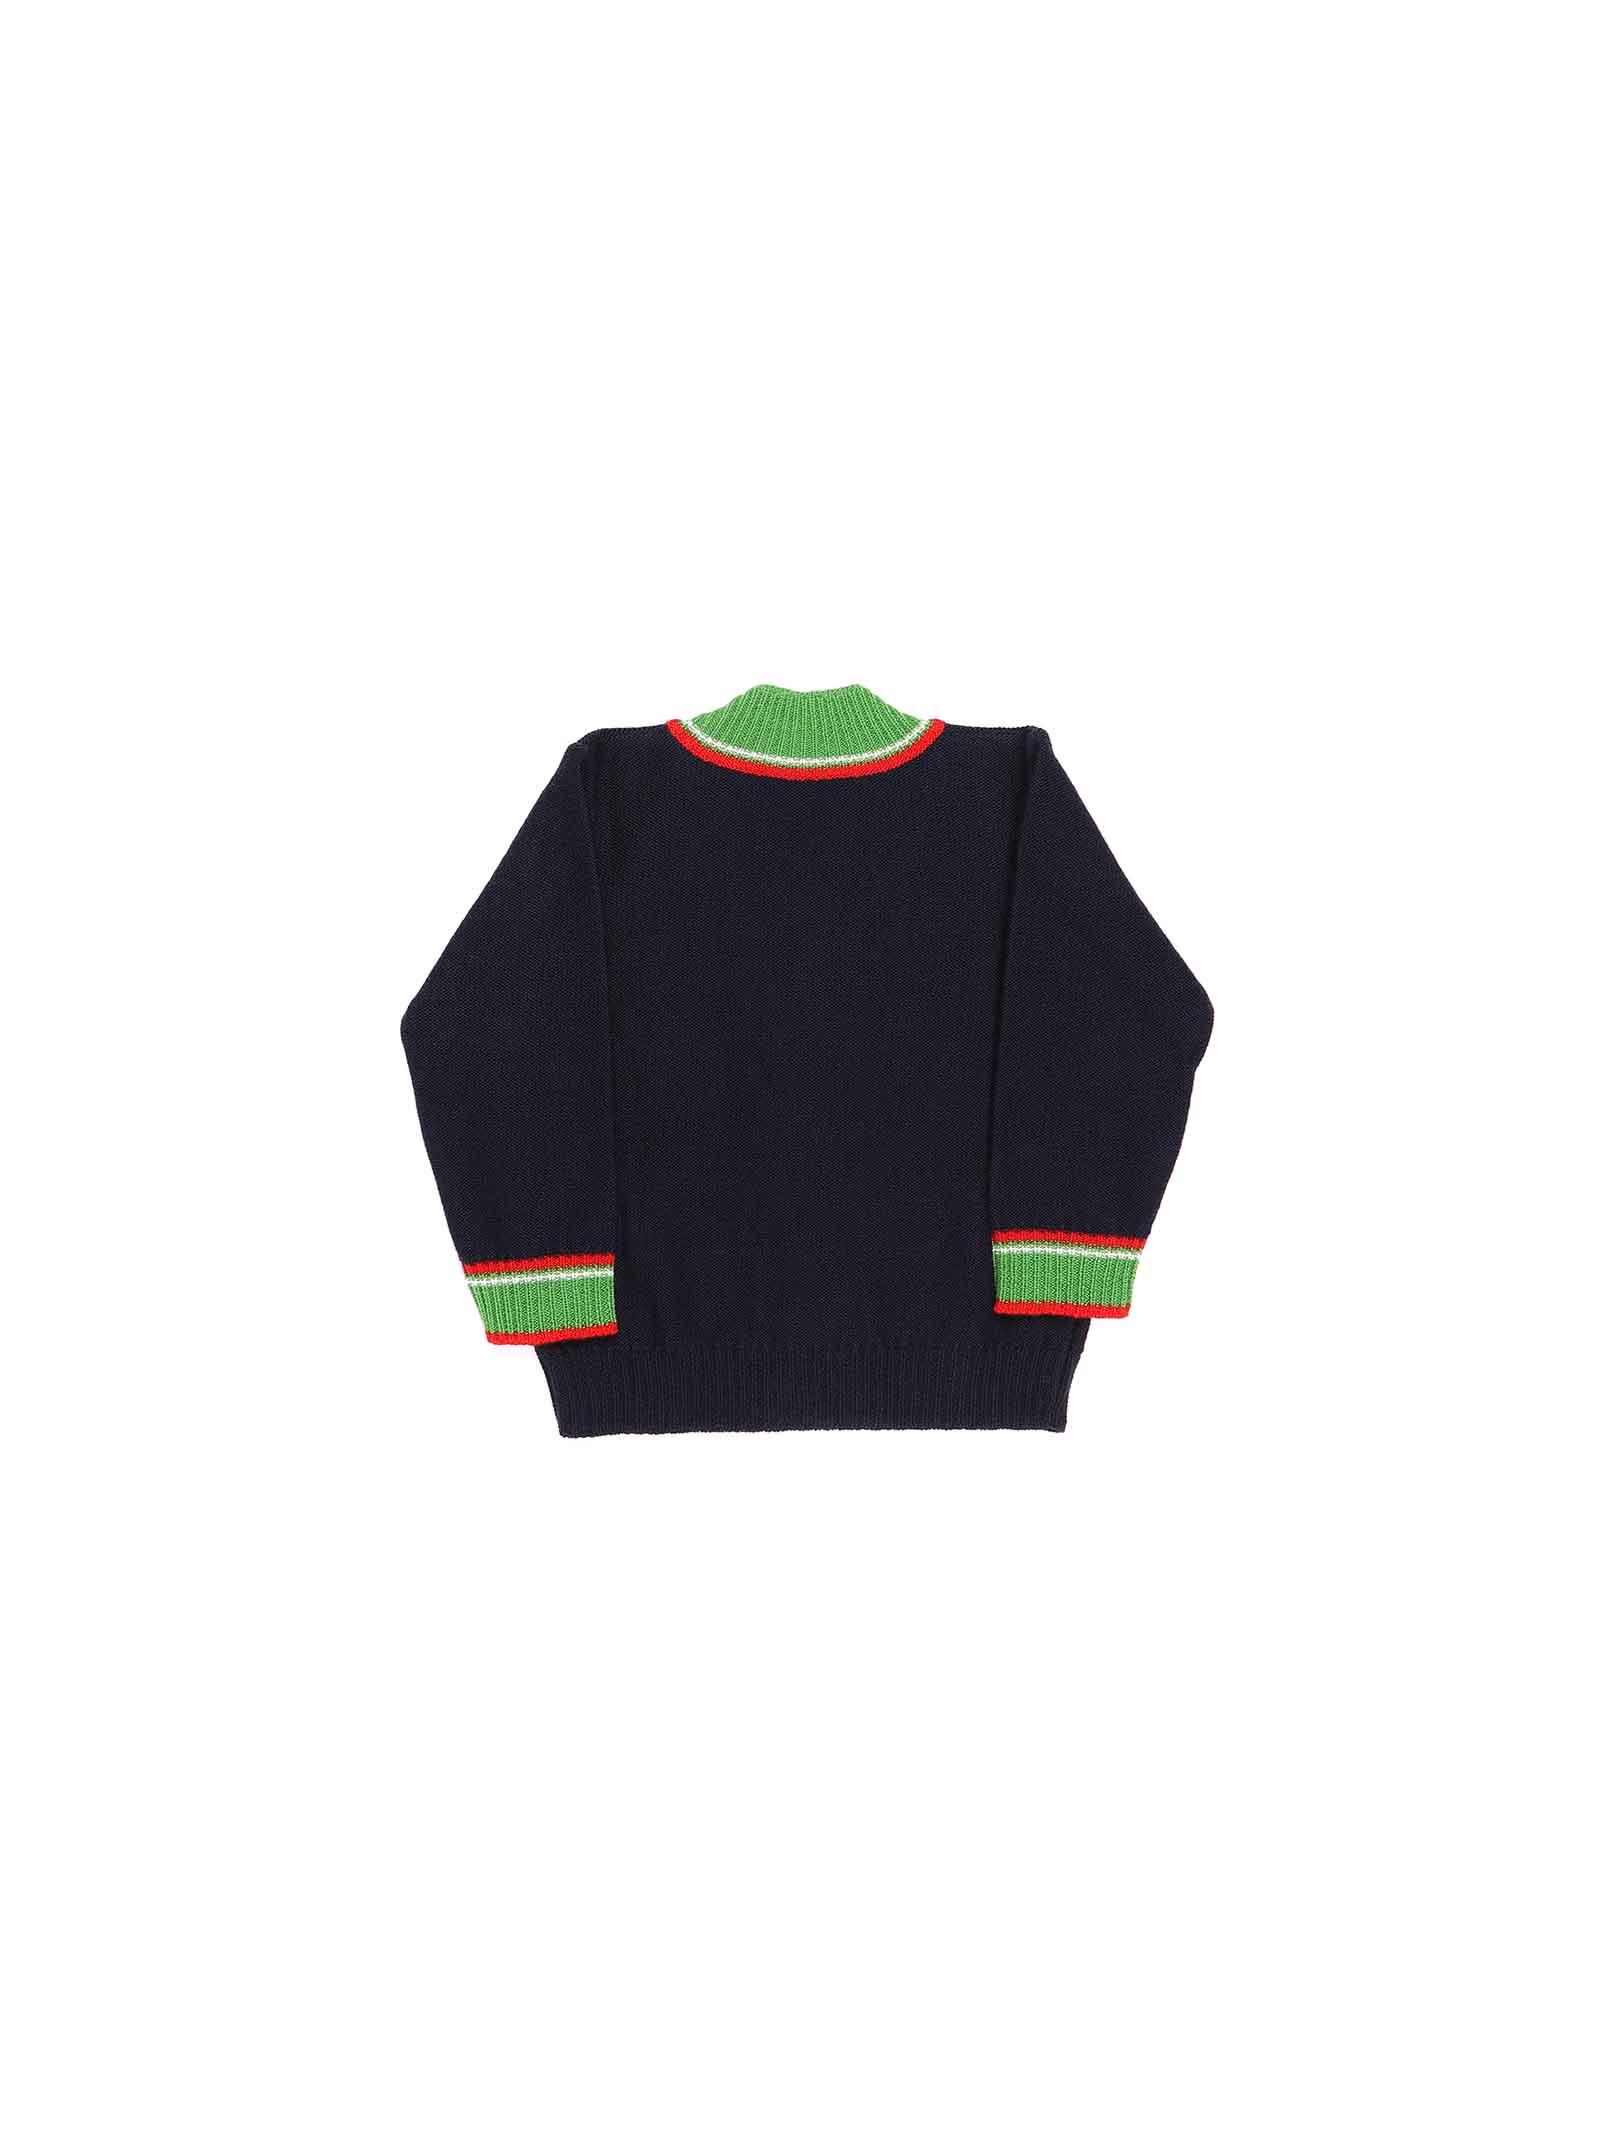 cardigan blu con bordo verde e rosso Gucci | Cardigan | 615415 XKBD84585